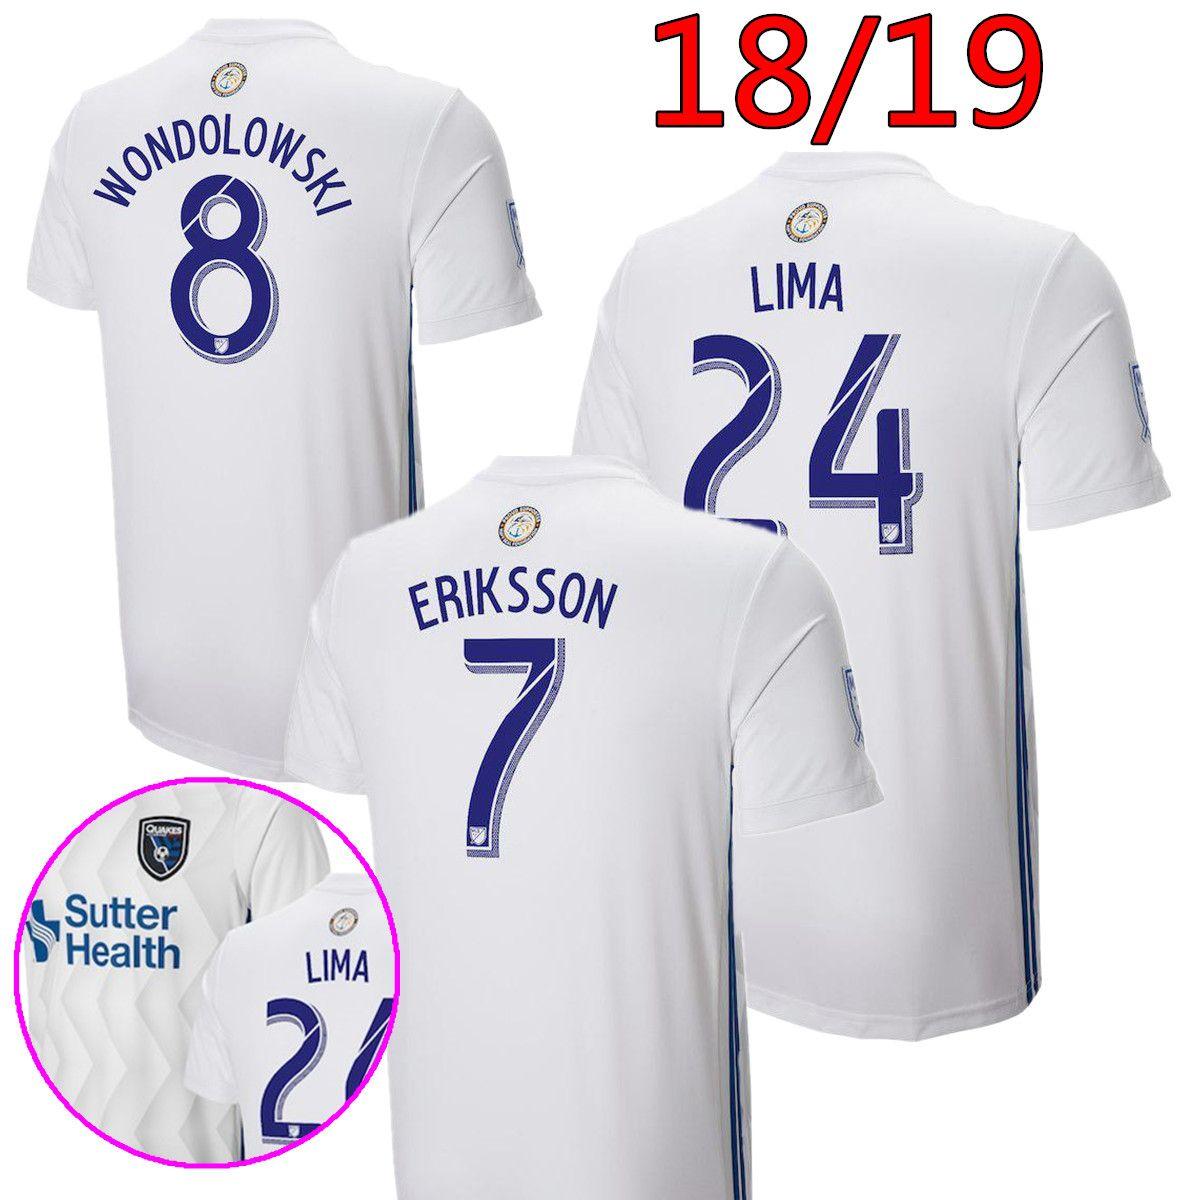 Compre 2018 2019 MLS San Jose Earthquake Camisas De Futebol 18 19 Uniforme  De Futebol Branco Em Casa   8 Wondowlowski   7 Eriksson   24 Lima 20  Camisas ... bbe2bcd8b74be